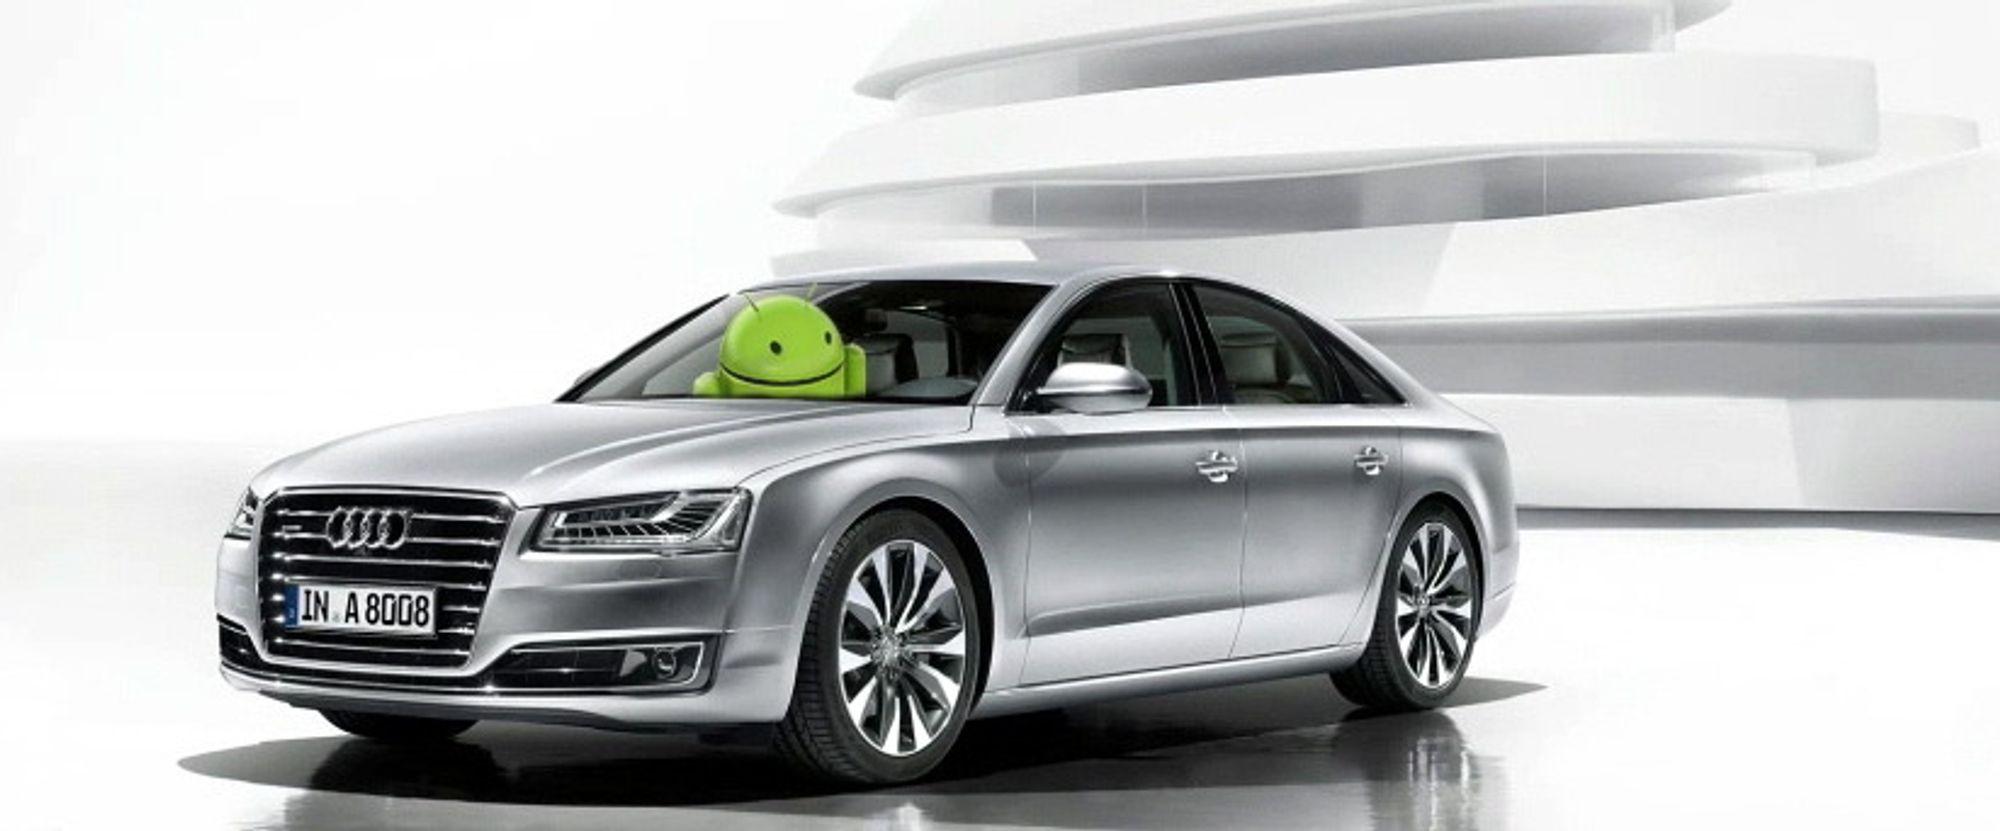 Audi og Android: Bilkjempen Audi og IT-giganten Google vil annonsere en omfattende avtale under CES i Las Vegas neste uke.